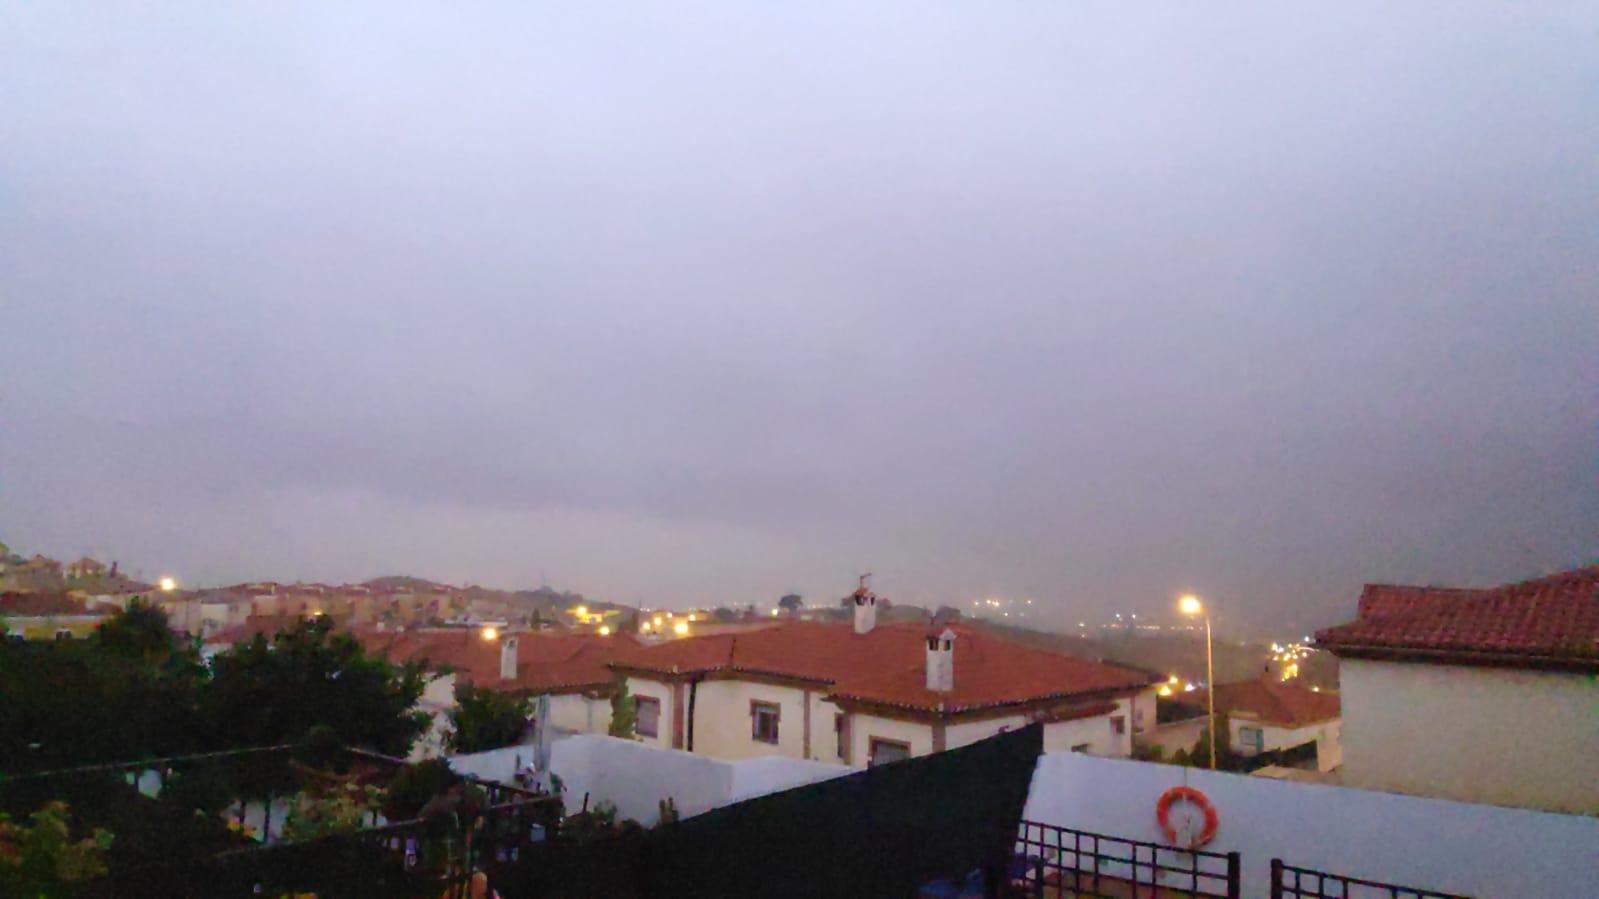 ¿Qué ha pasado este sábado en Granada? Las 5 noticias que debes conocer esta noche